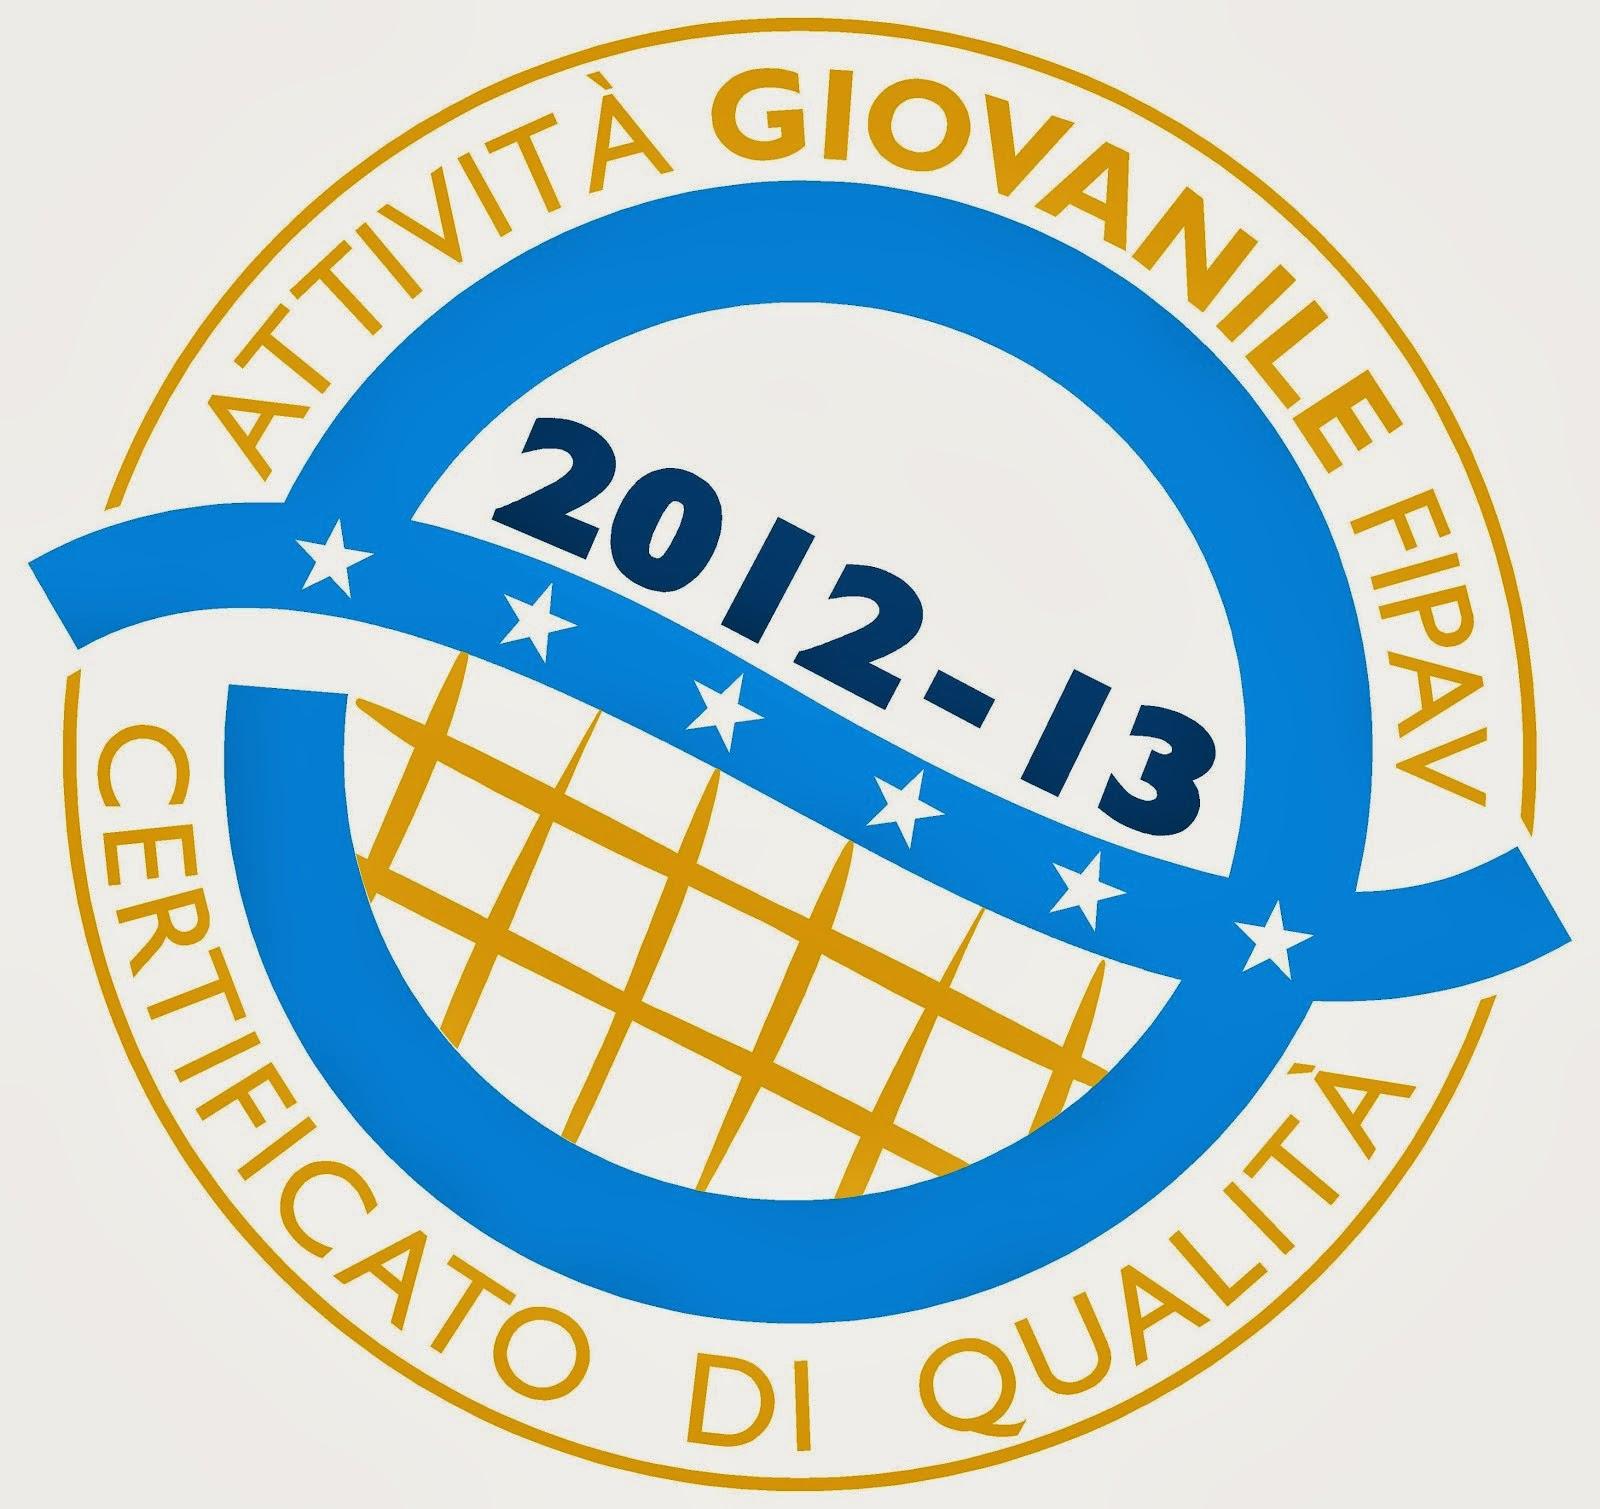 Marchio qualità 2012-2013